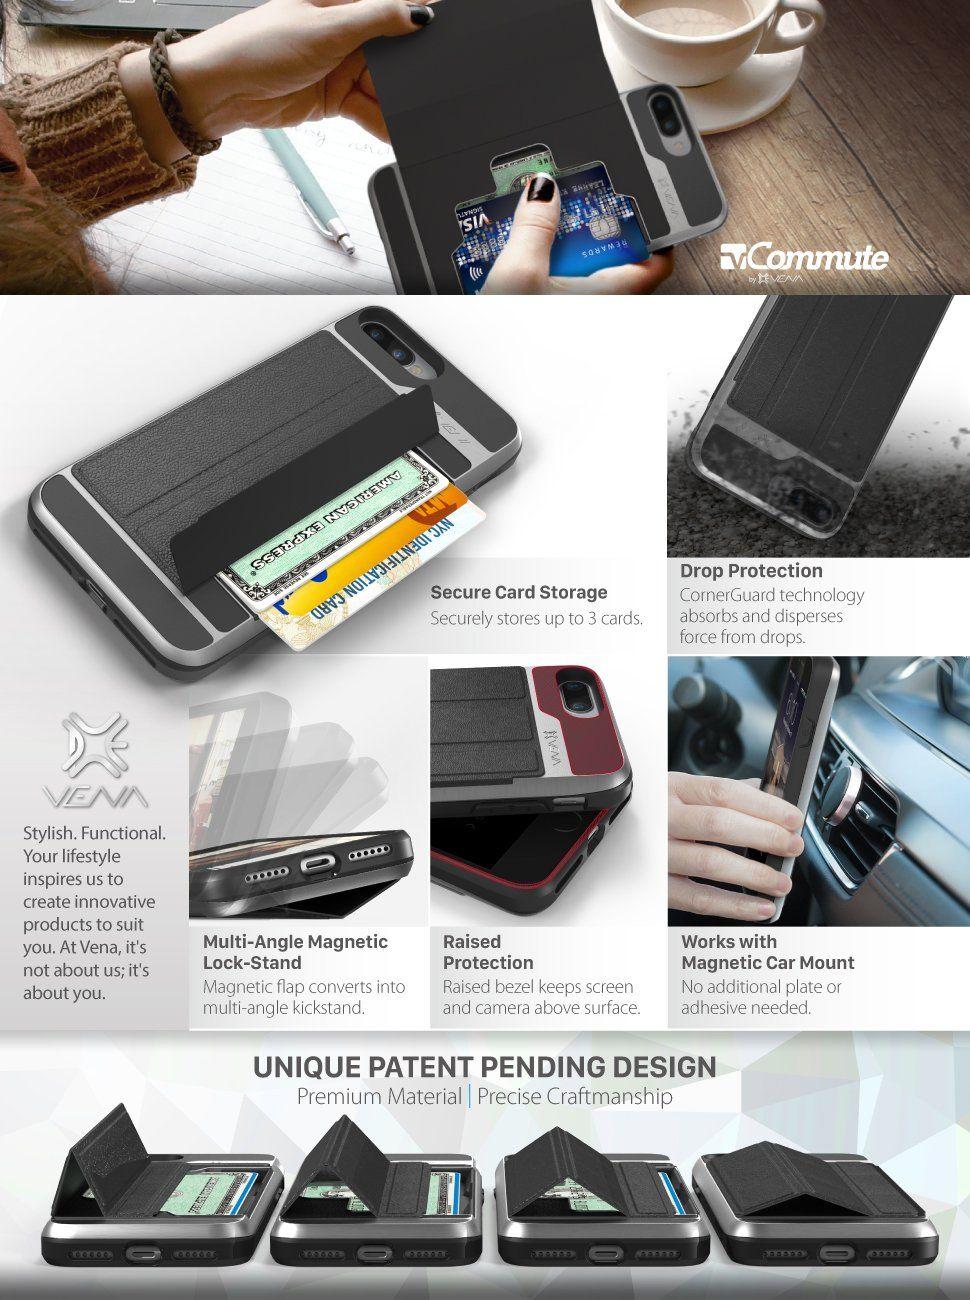 separation shoes 51a78 e9d48 Amazon.com: iPhone 7 Plus Wallet Case, Vena [vCommute] Flip Leather ...